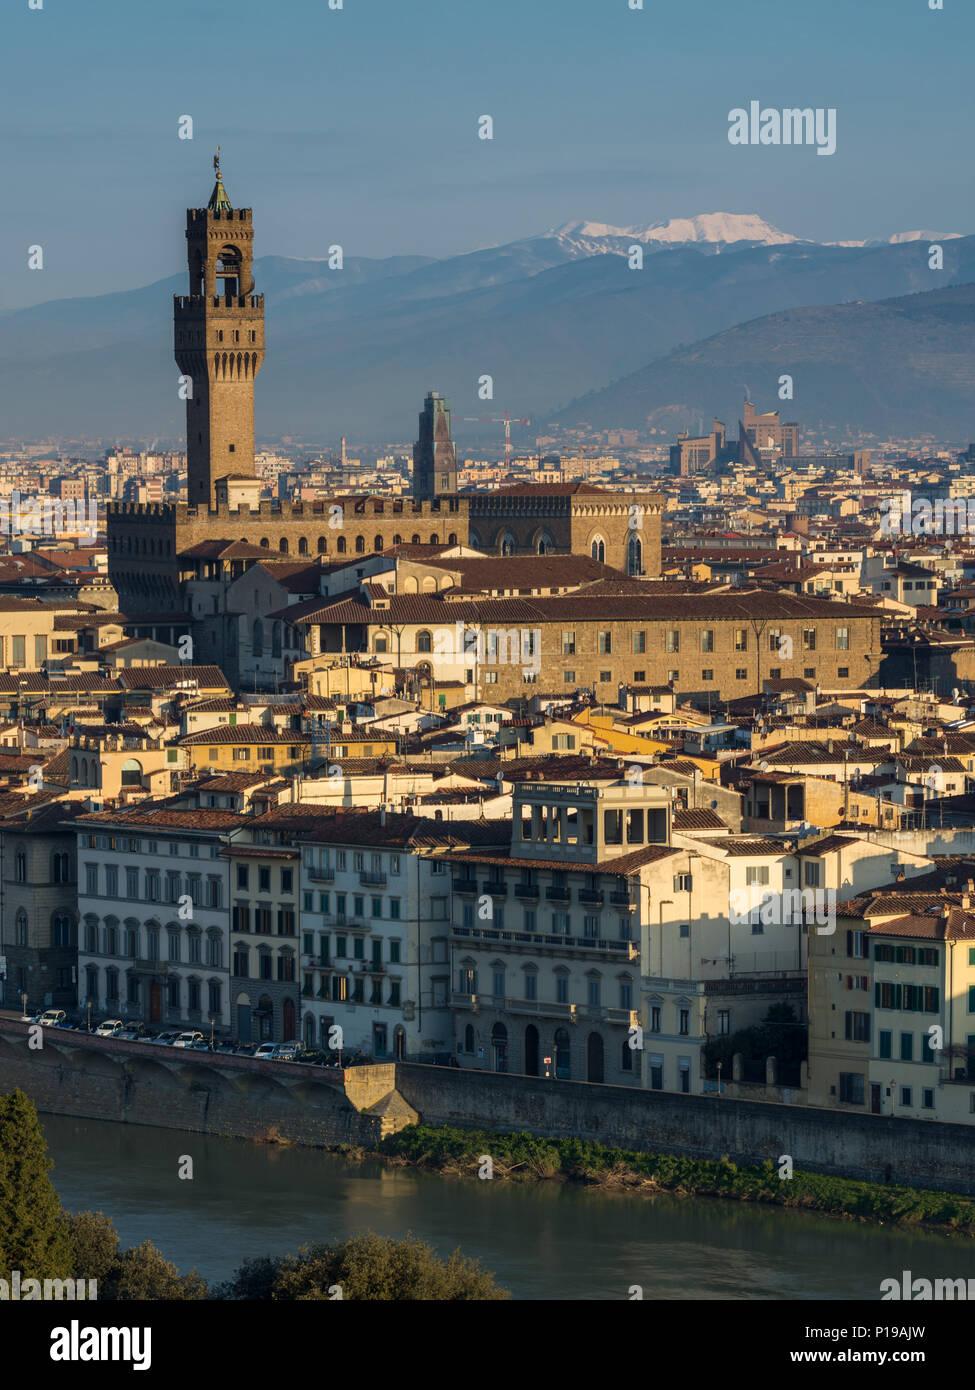 Firenze, Italia - 24 Marzo 2018: mattina la luce illumina il paesaggio urbano di Firenze, tra cui la storica pietra miliare di Palazzo Vecchio. Immagini Stock